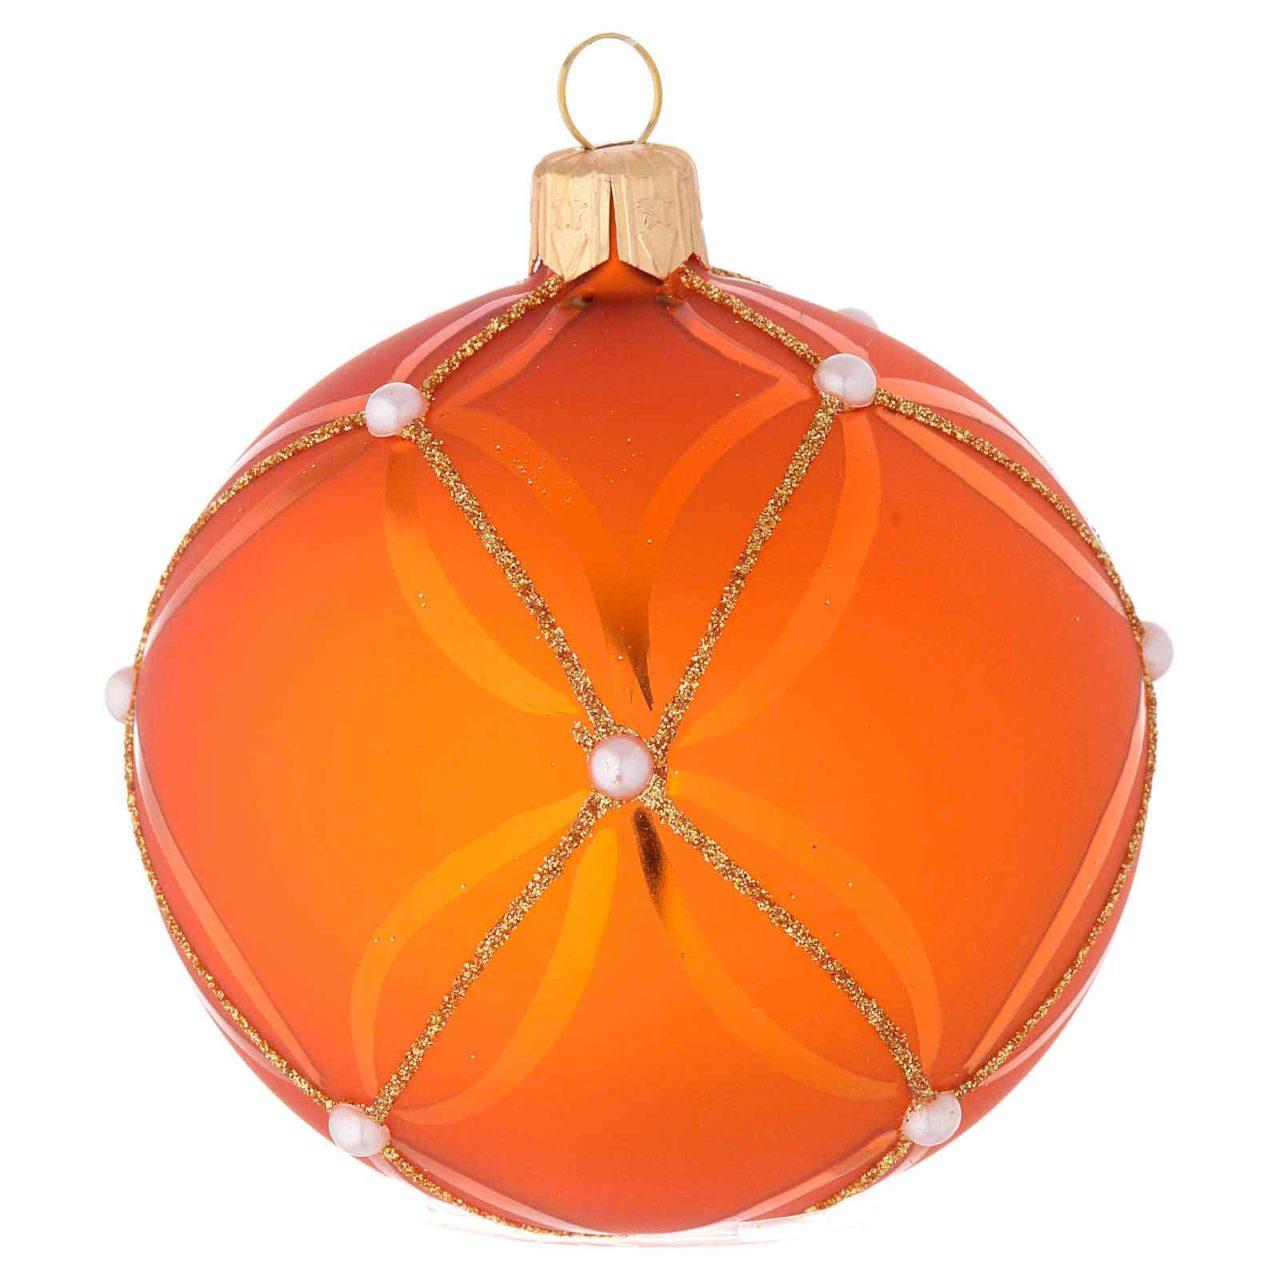 pallina arancione natale 2020